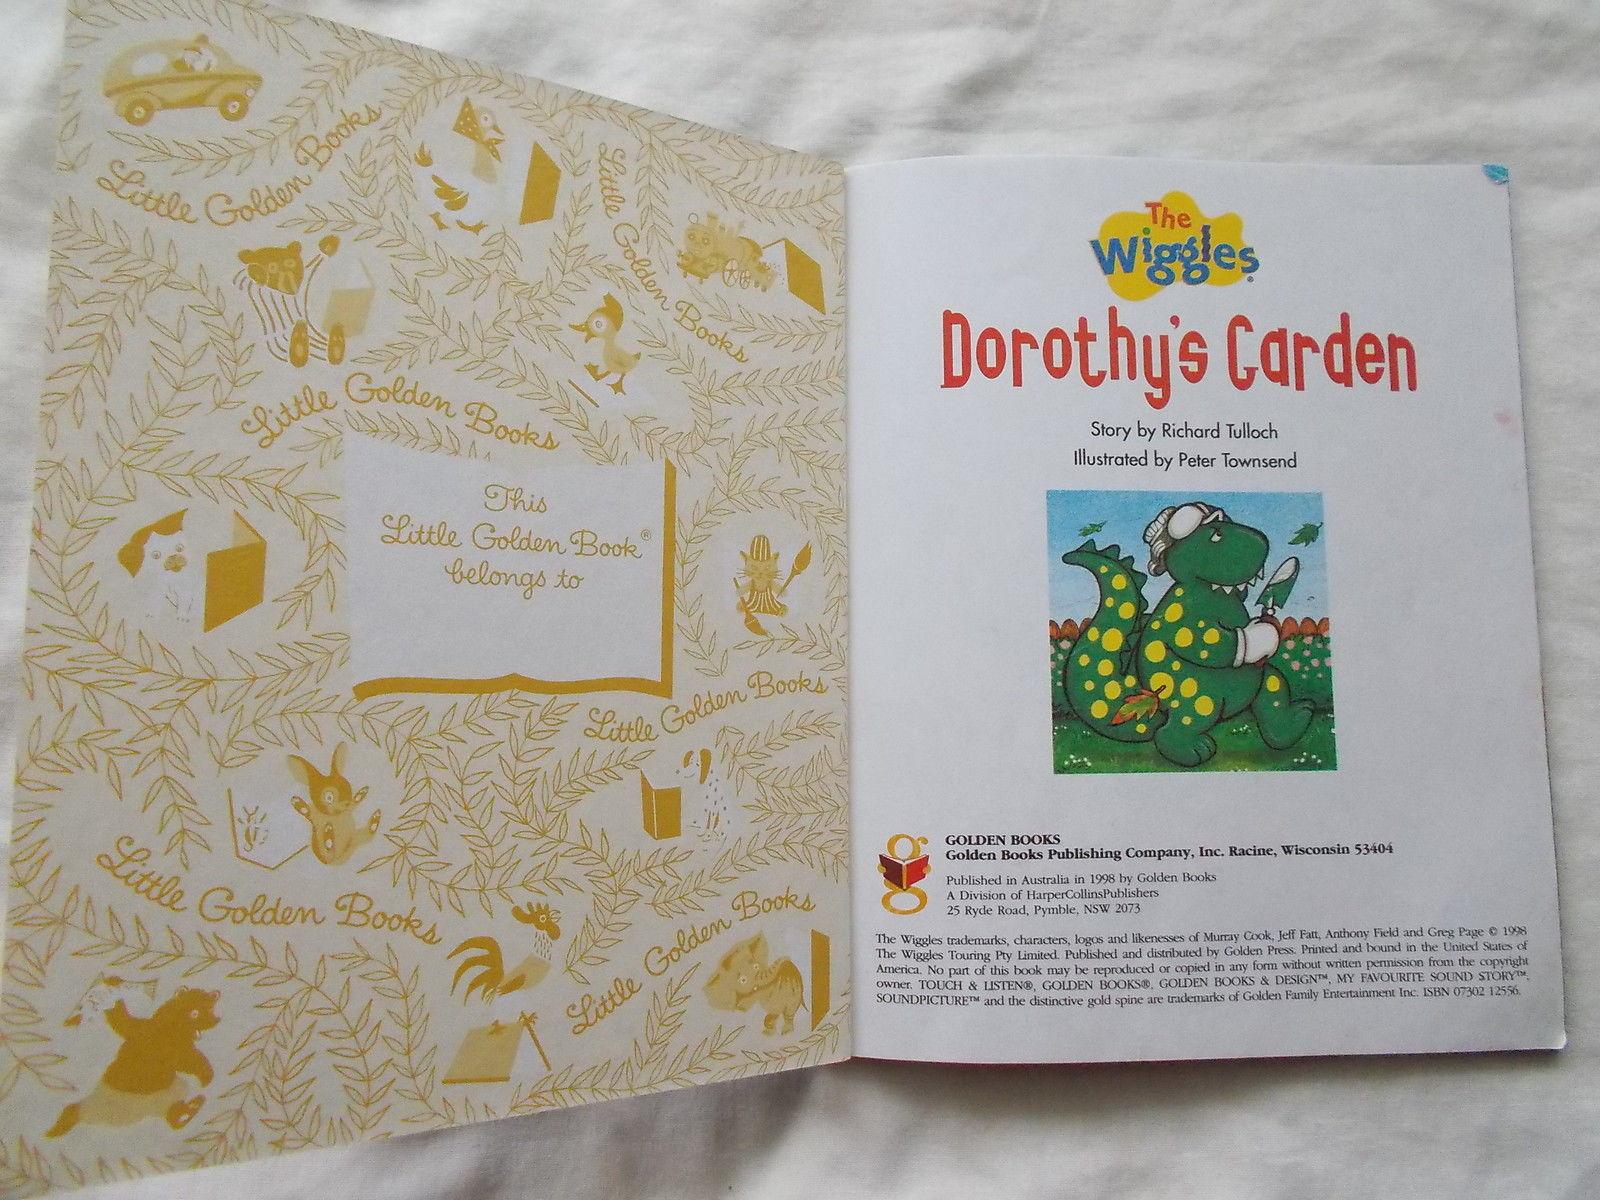 Dorothy's Garden (1998 book)